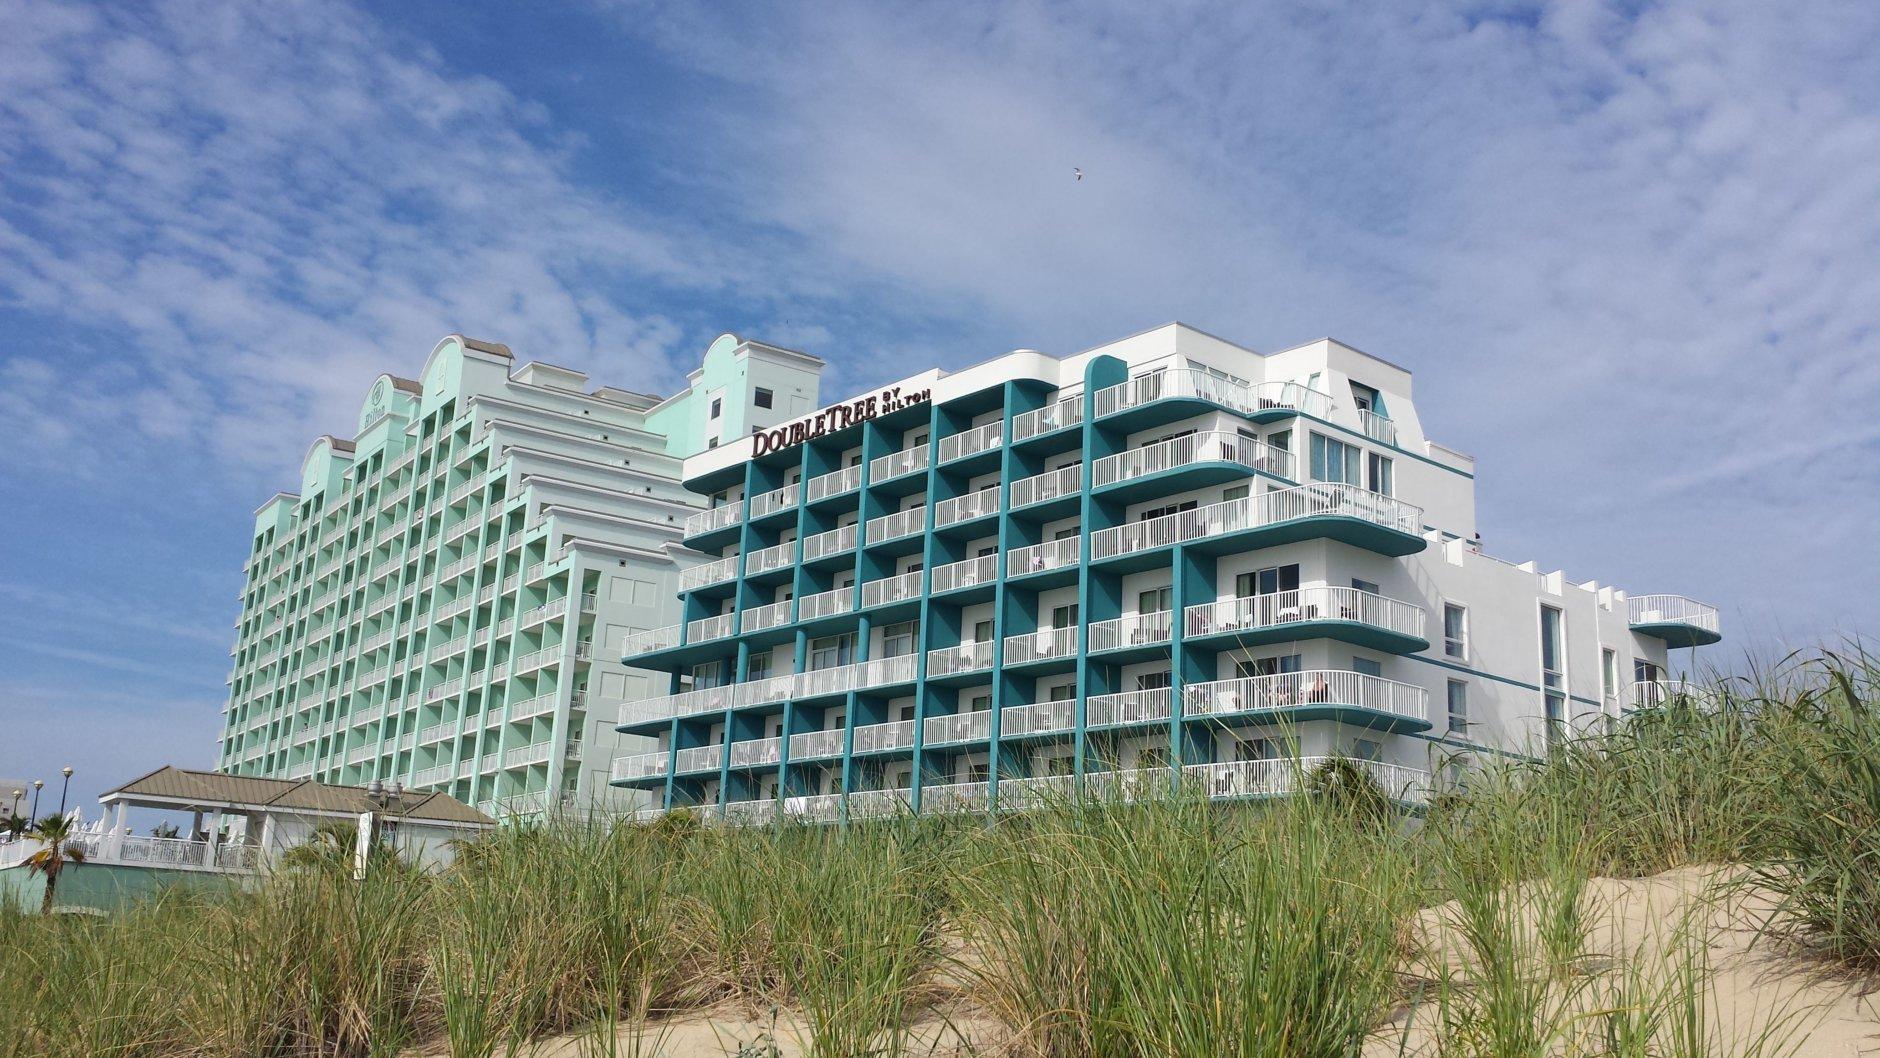 Doubletree Ocean City (WTOP/Colleen Kelleher)